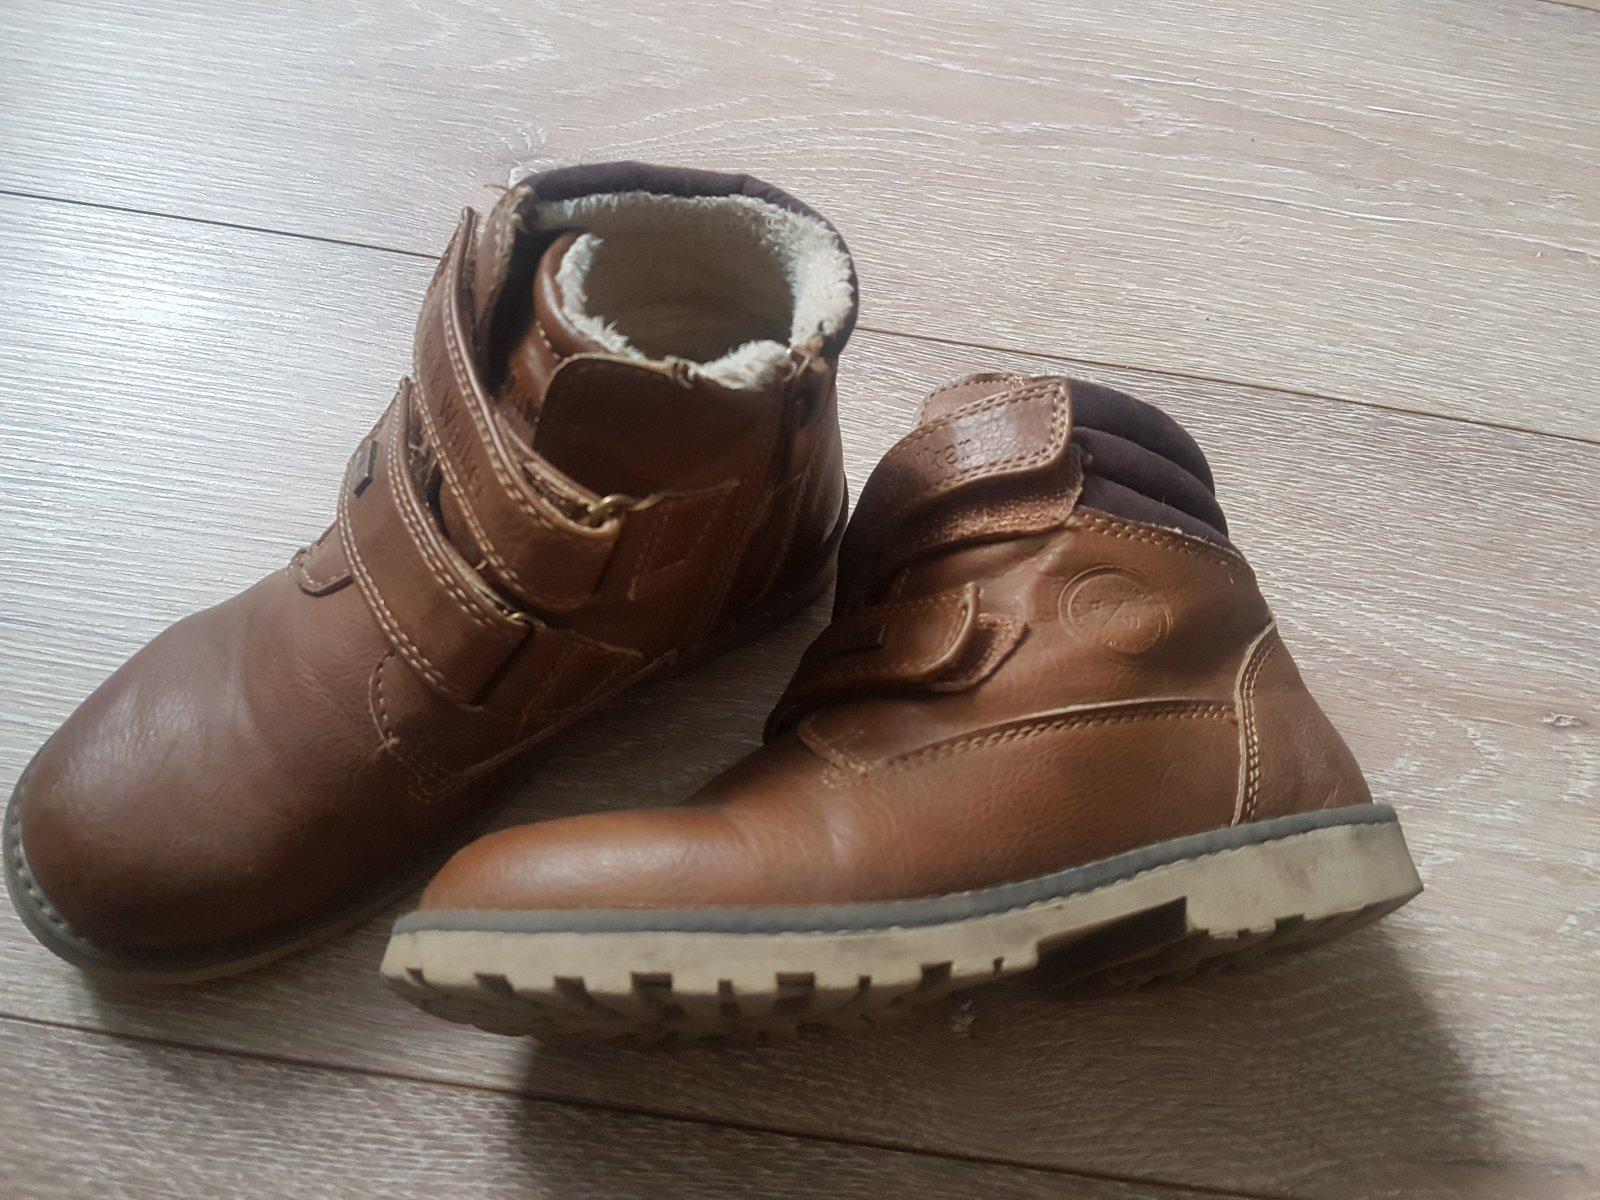 0 inzerátů • 4 hodnocení. Zimni boty z ccc ... 1654abc5f5